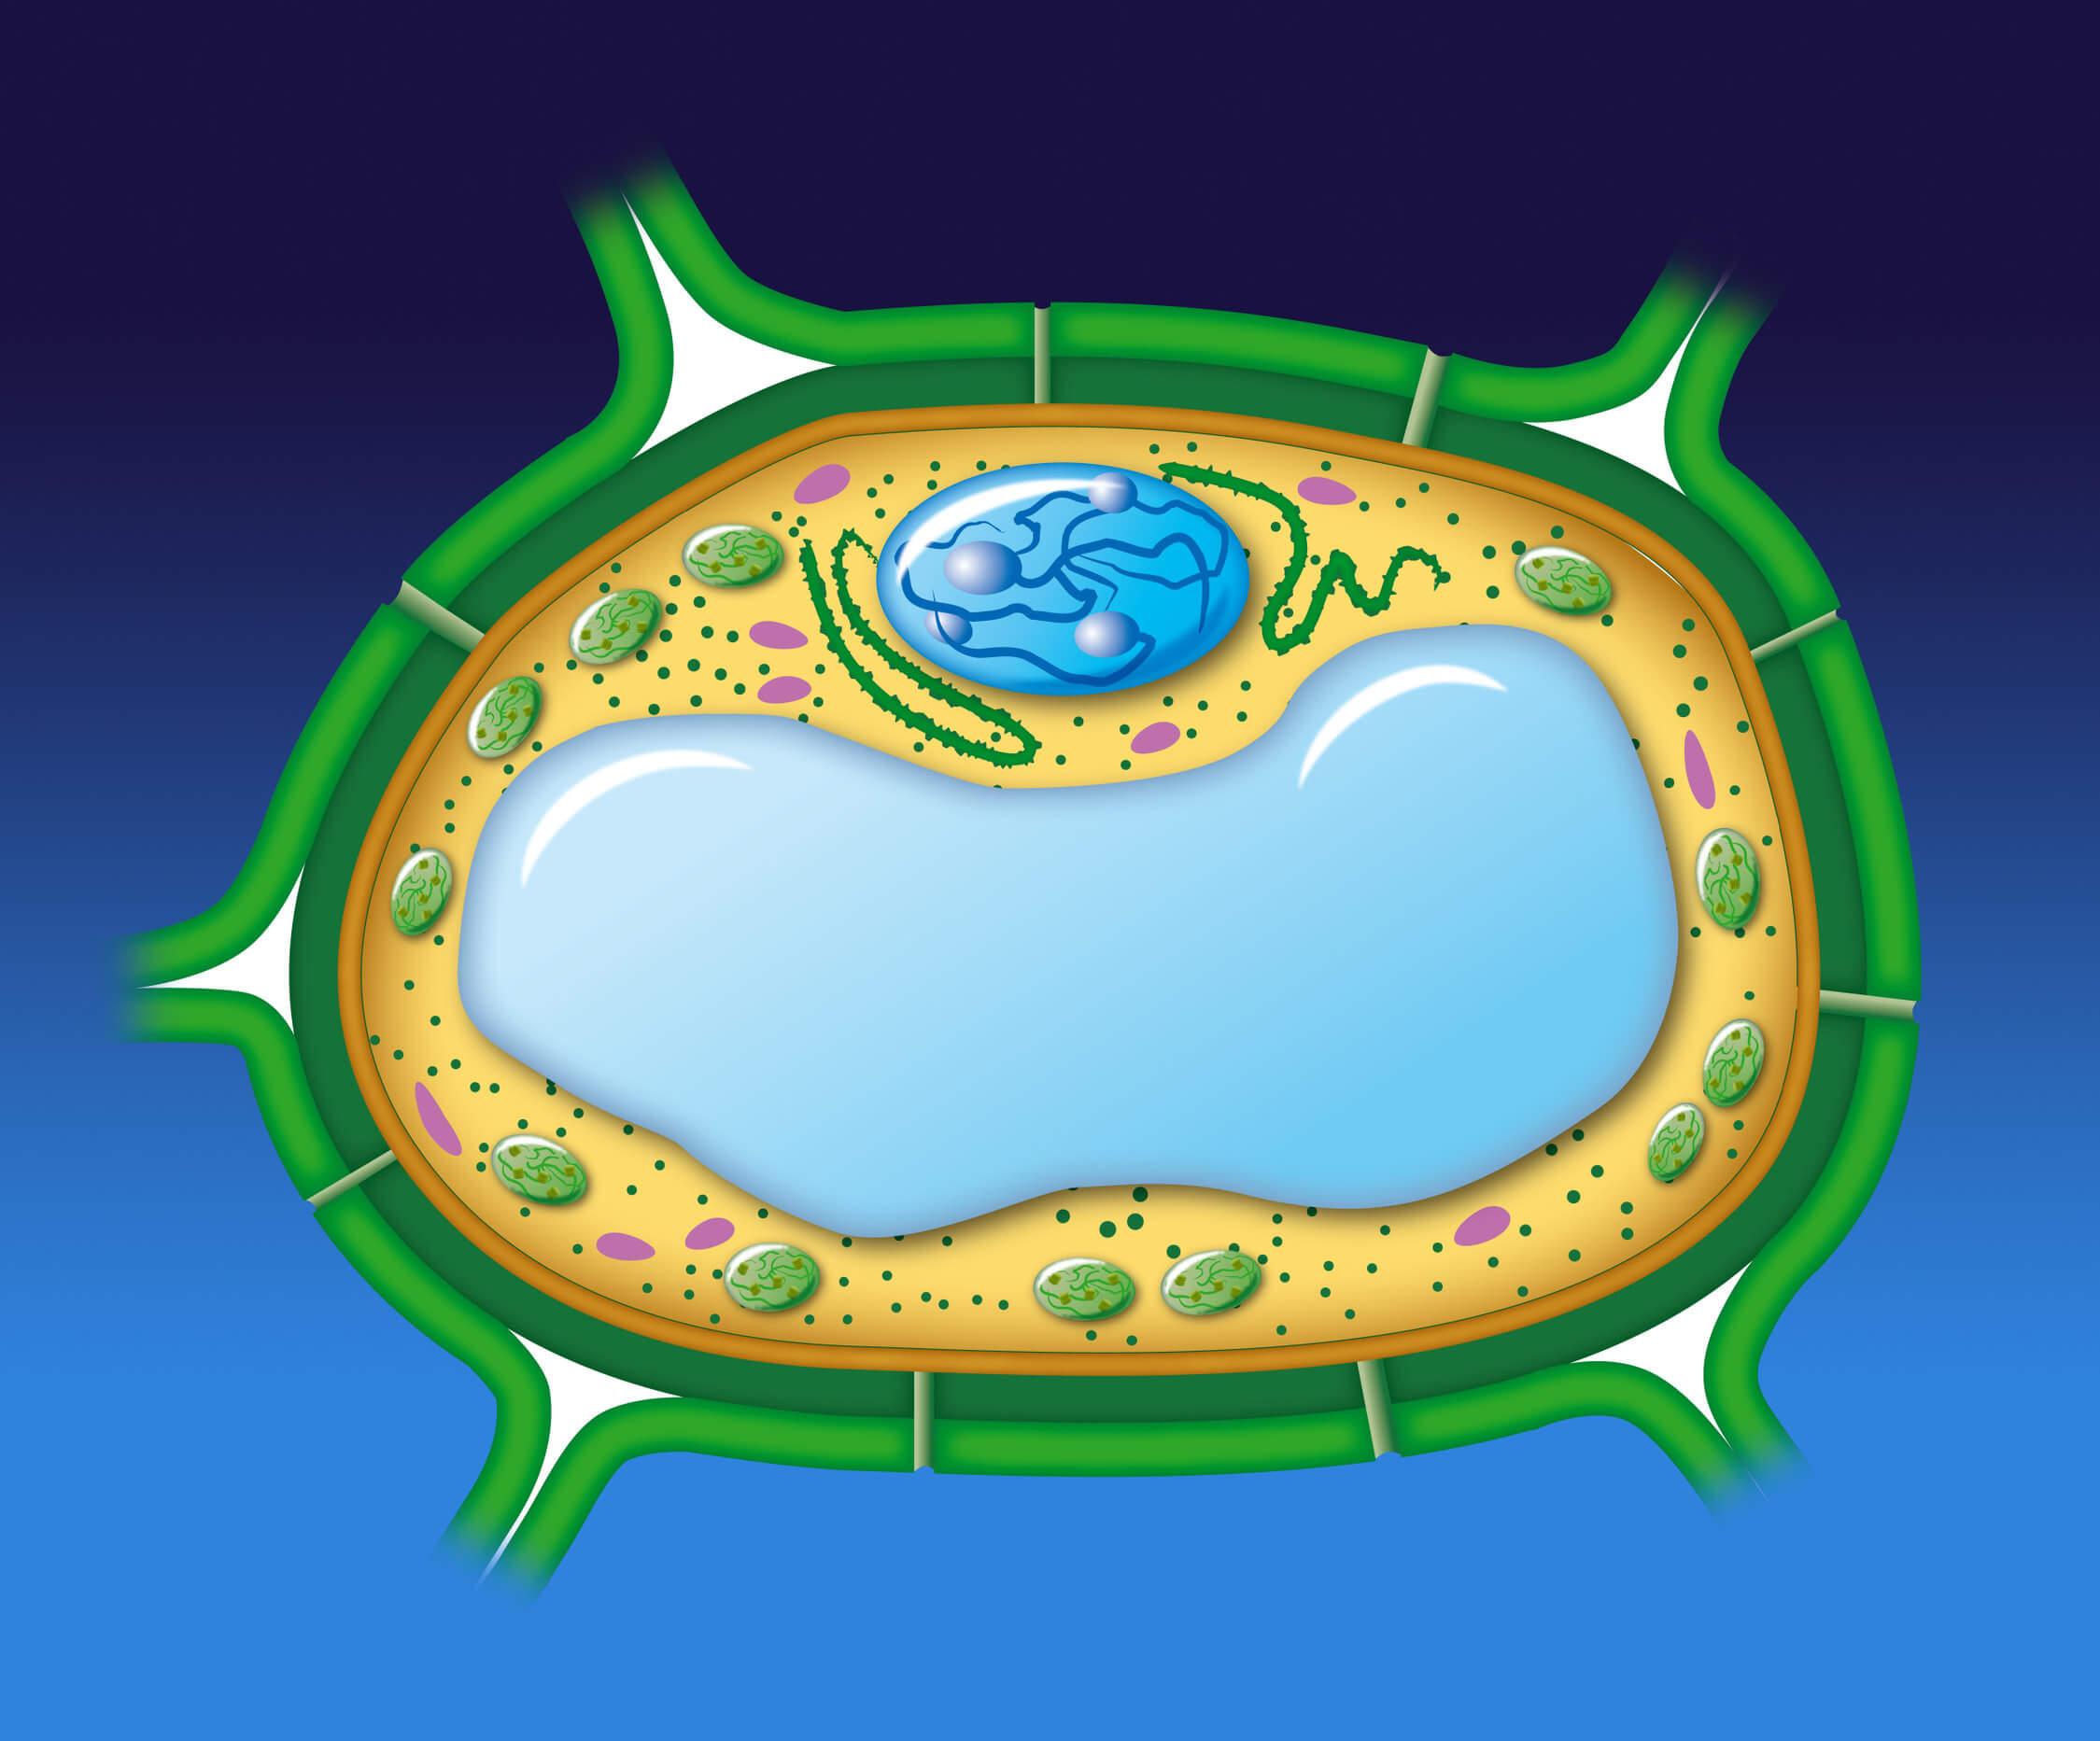 Entre las diferencias entre célula vegetal y animal está la pared celular